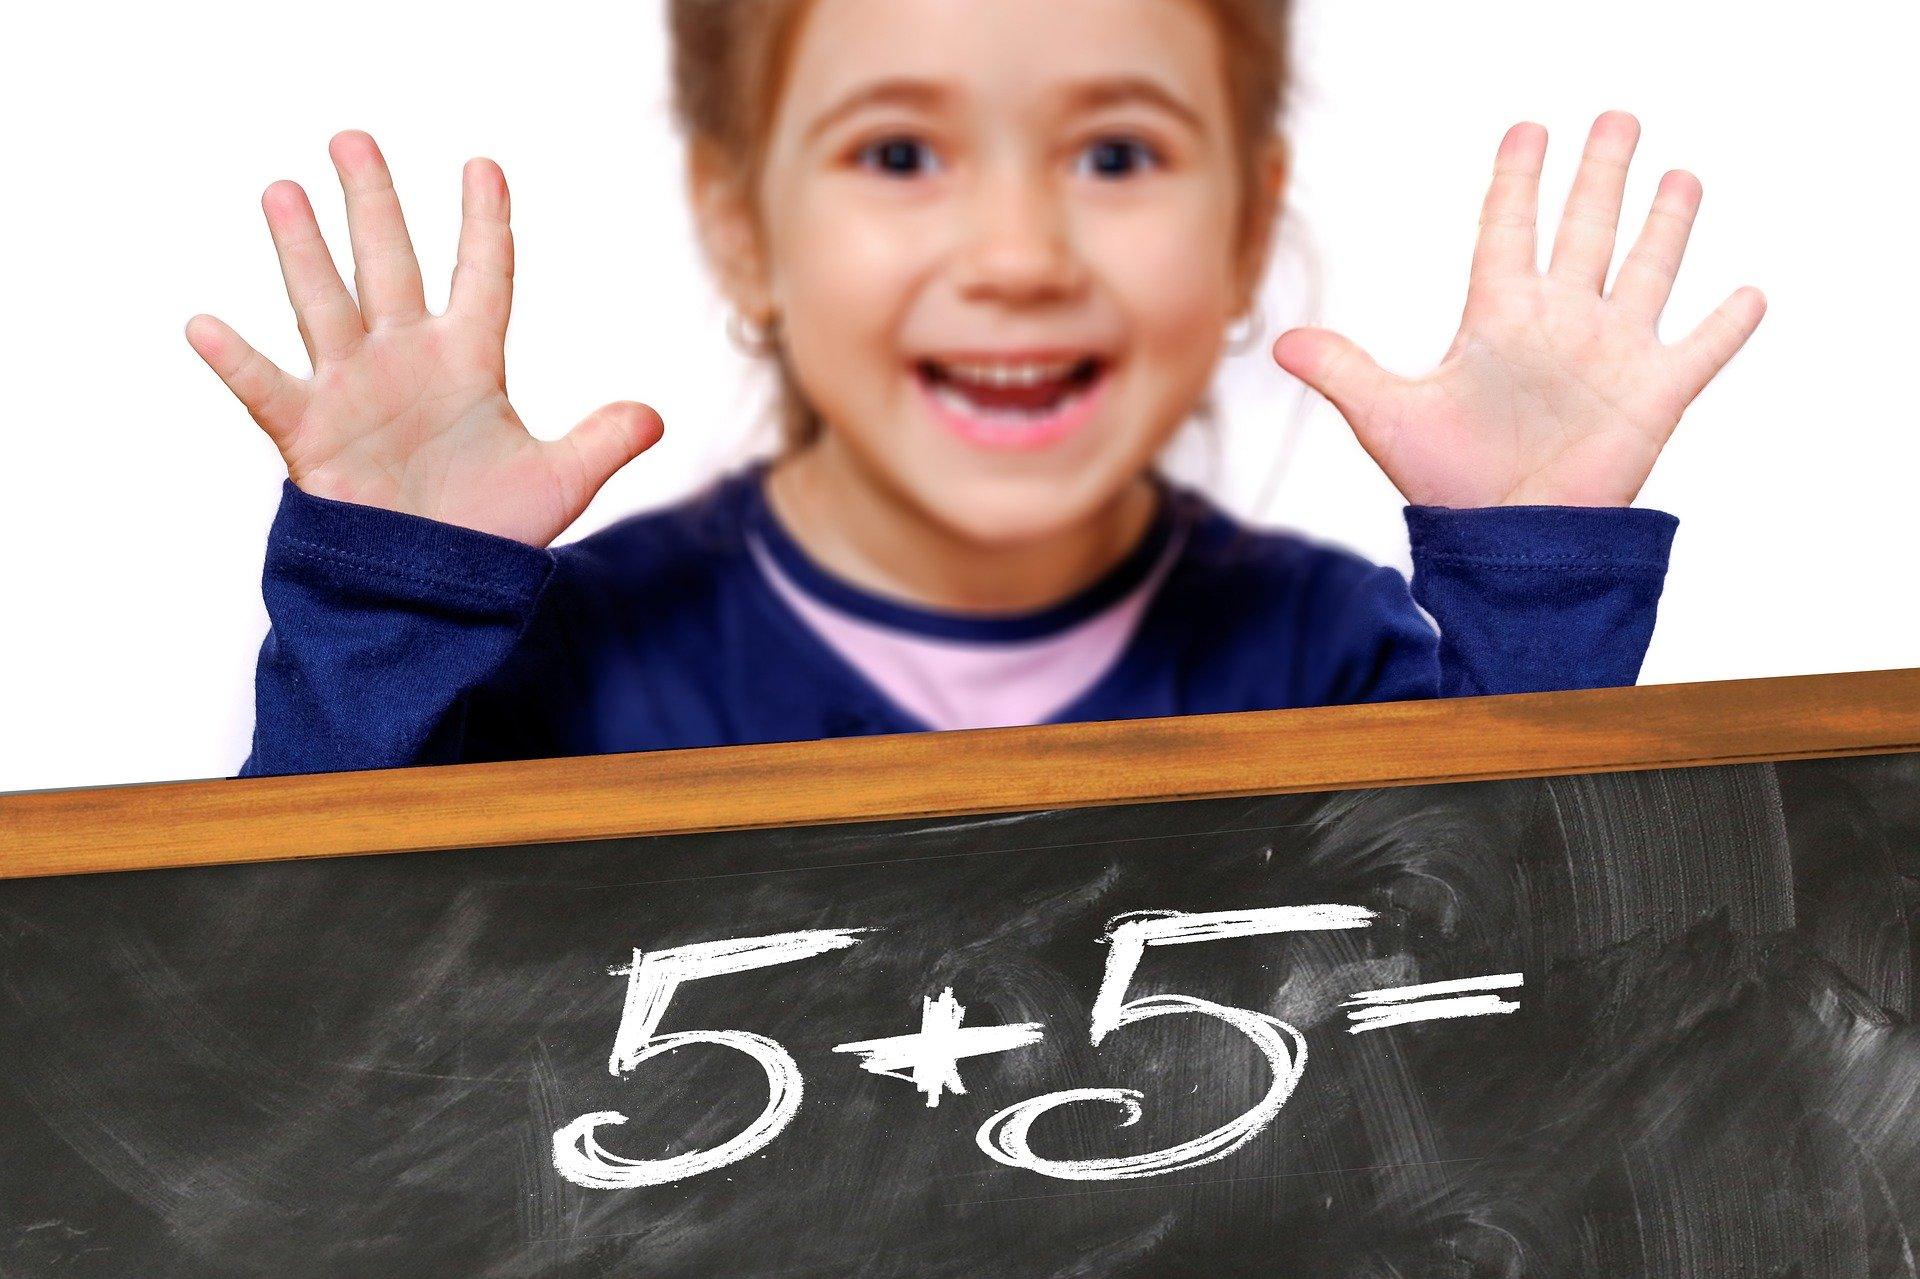 Augmentation des déductions fiscales pour les enfants ?